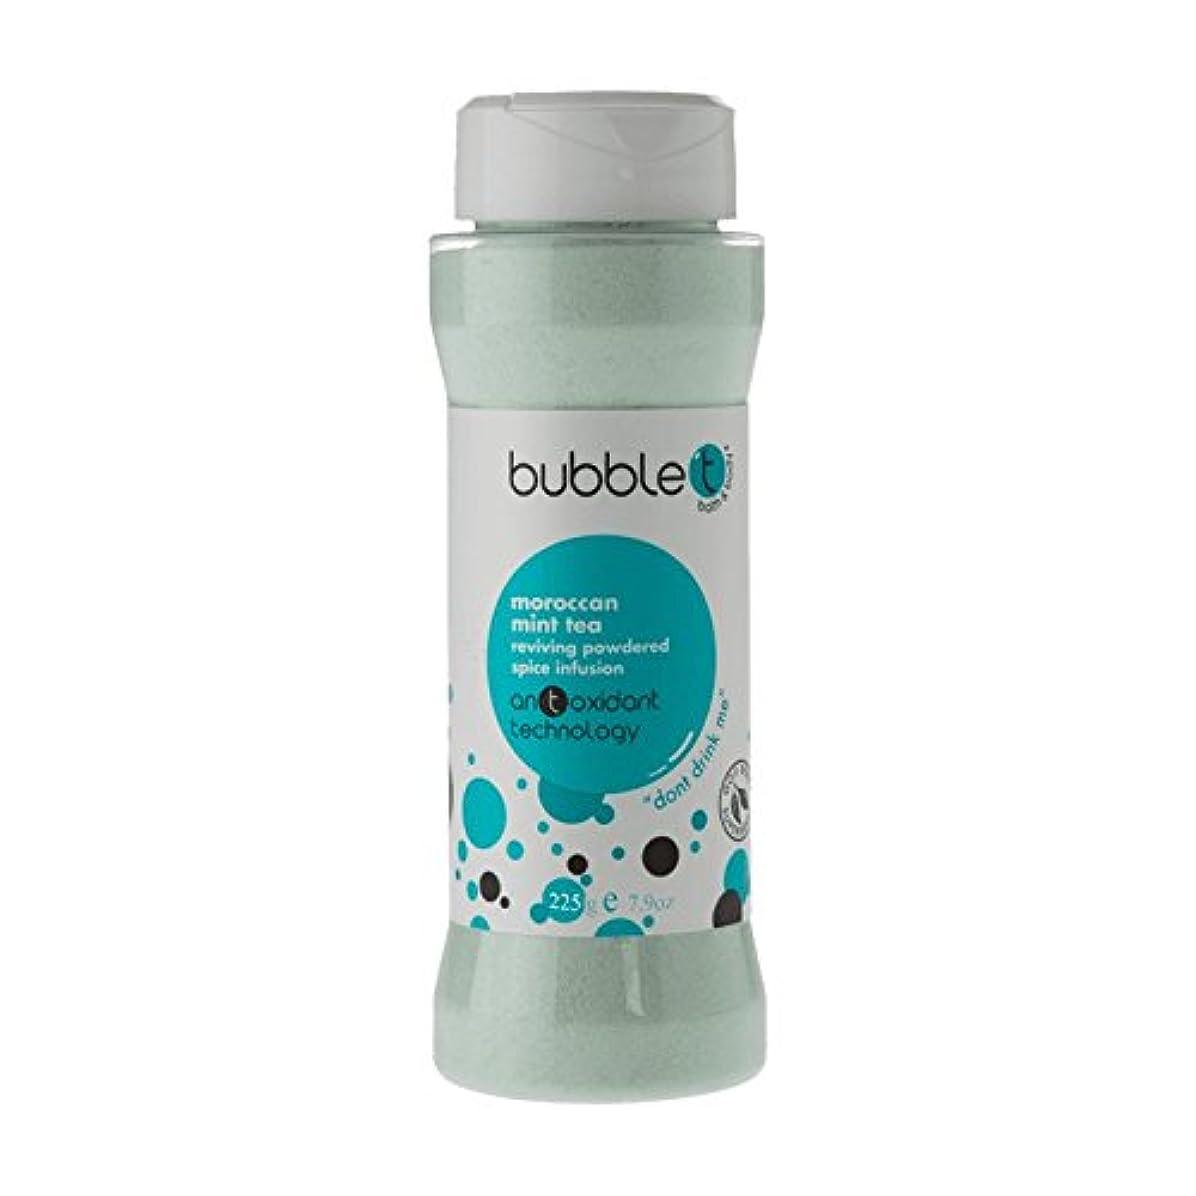 ホームバックグラウンドなめらかバブルトン風呂スパイス注入モロッコのミントティー225グラム - Bubble T Bath Spice Infusion Morrocan Mint Tea 225g (Bubble T) [並行輸入品]